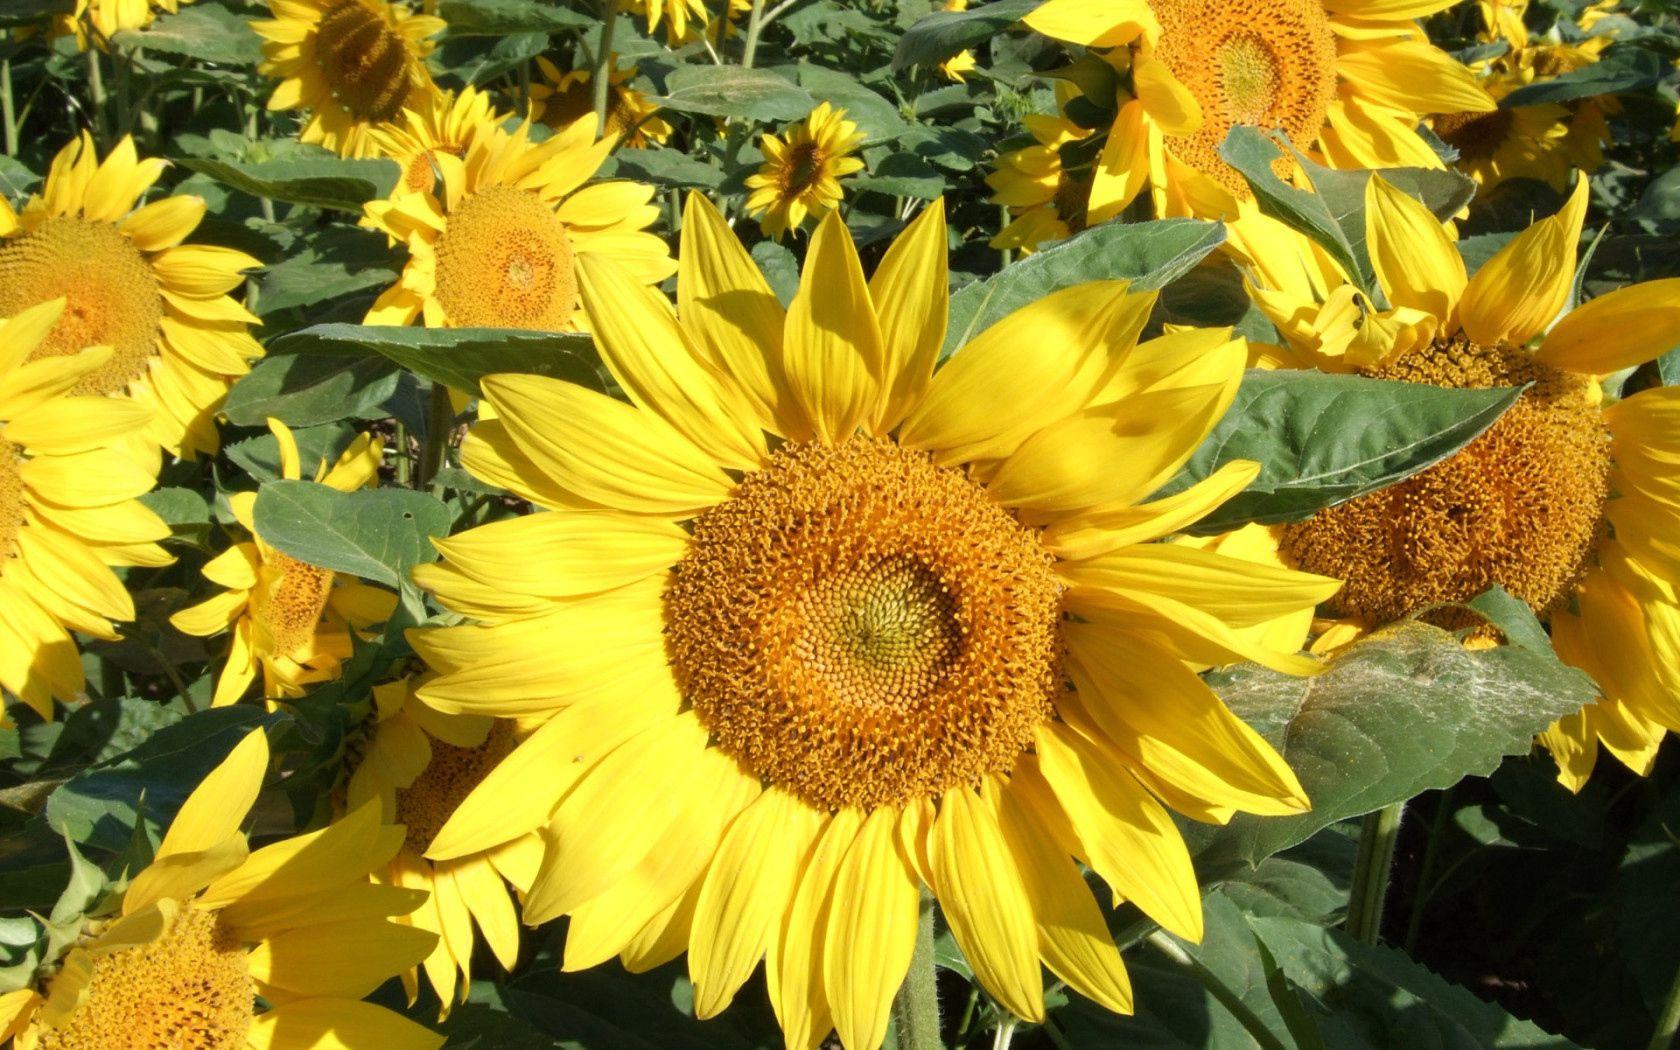 101133 скачать обои Цветы, Подсолнухи, Зелень, Поле, Крупный План, Солнечно - заставки и картинки бесплатно